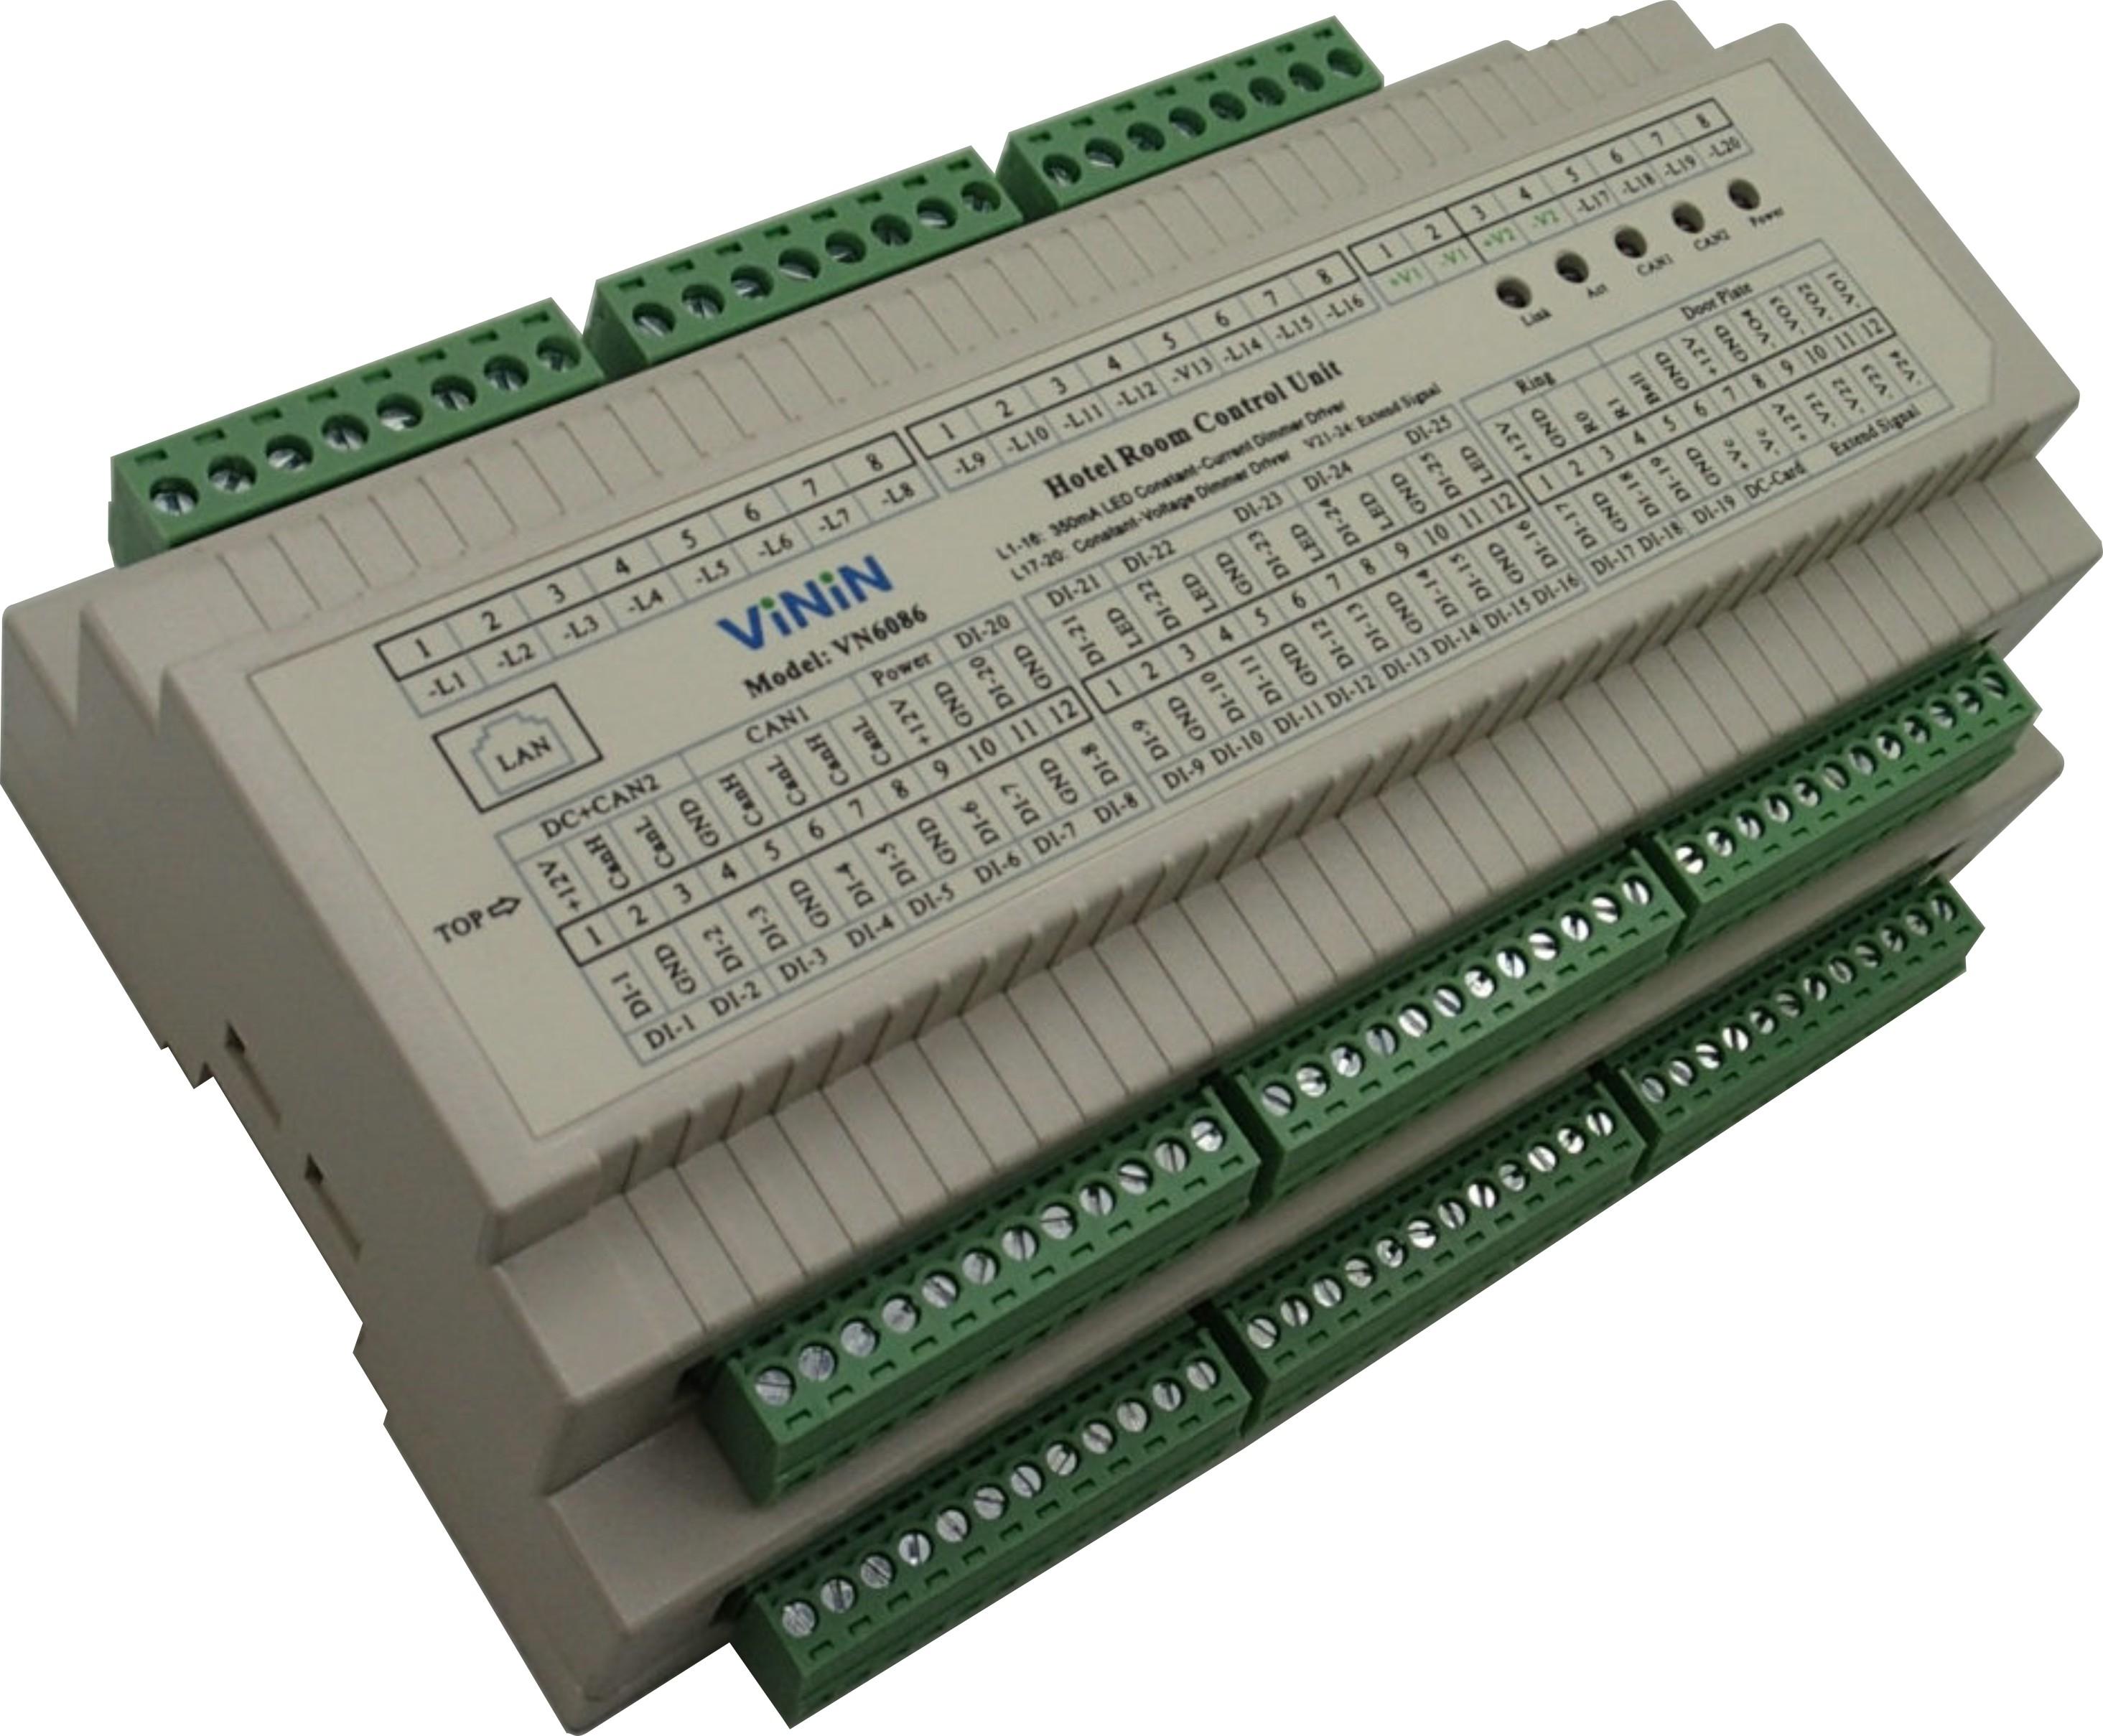 2, 控制器采用插拔式接线端子维护方便,5分钟内就可以更换一个模块